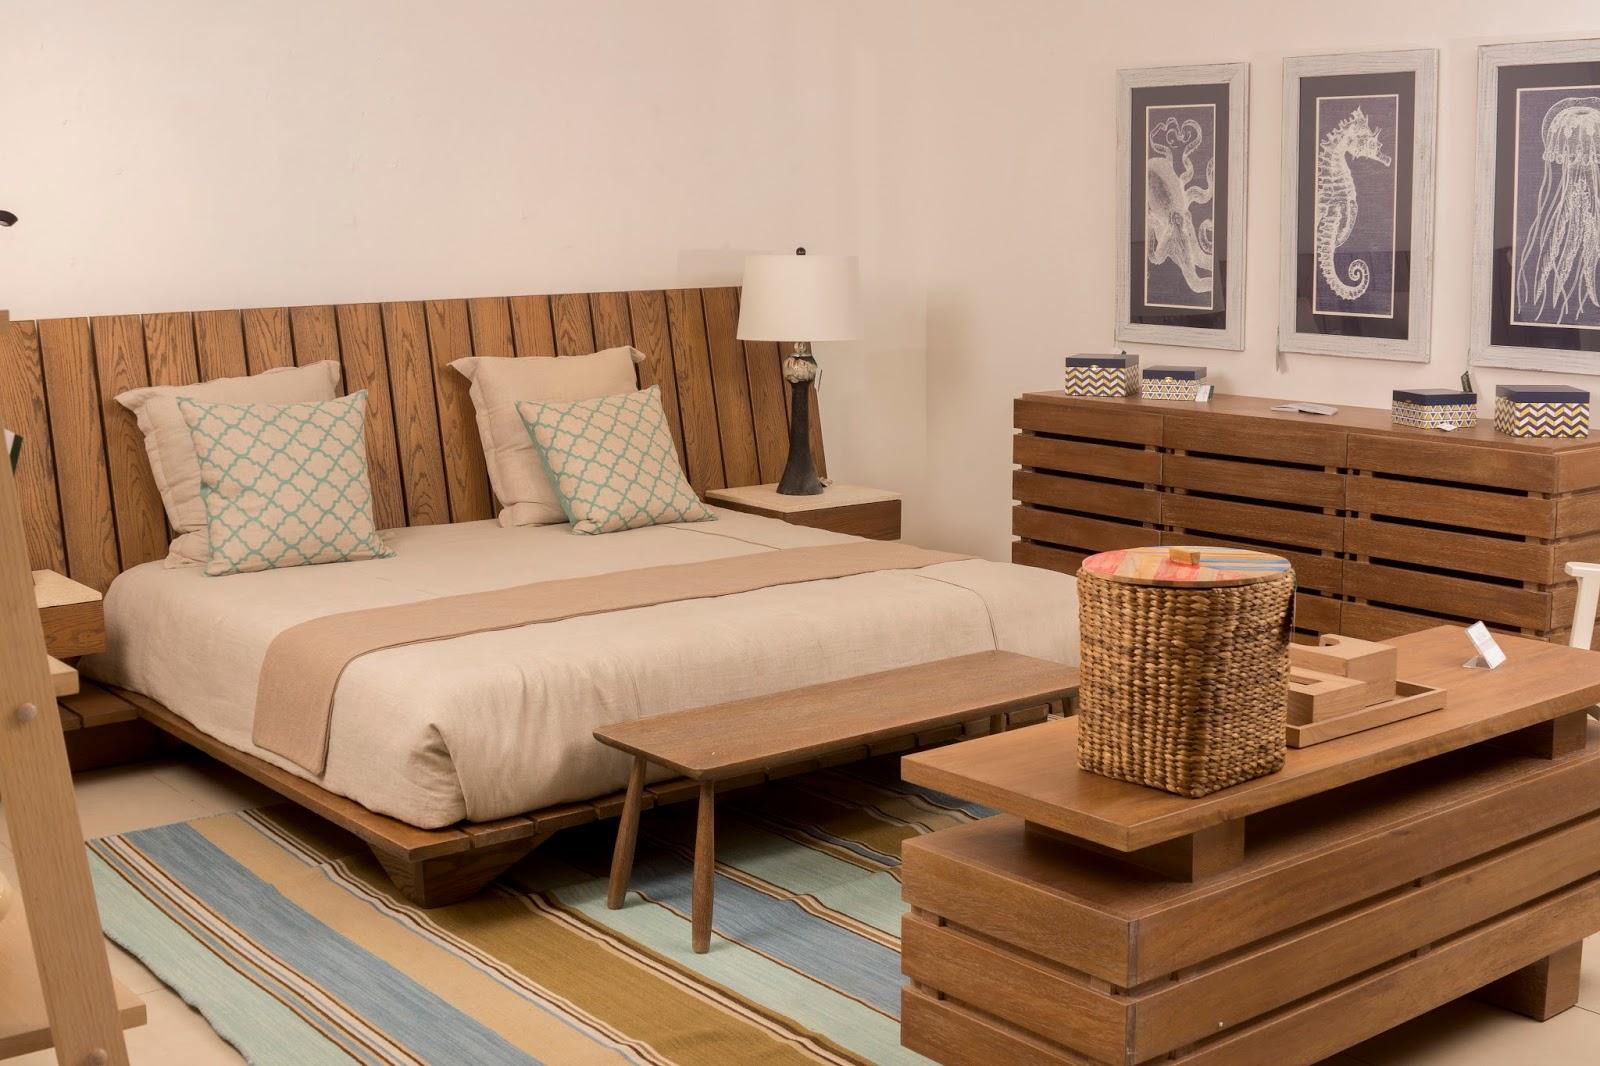 Muebles Merida Idea Creativa Della Casa E Dell Interior Design # Muebles Nar Merida